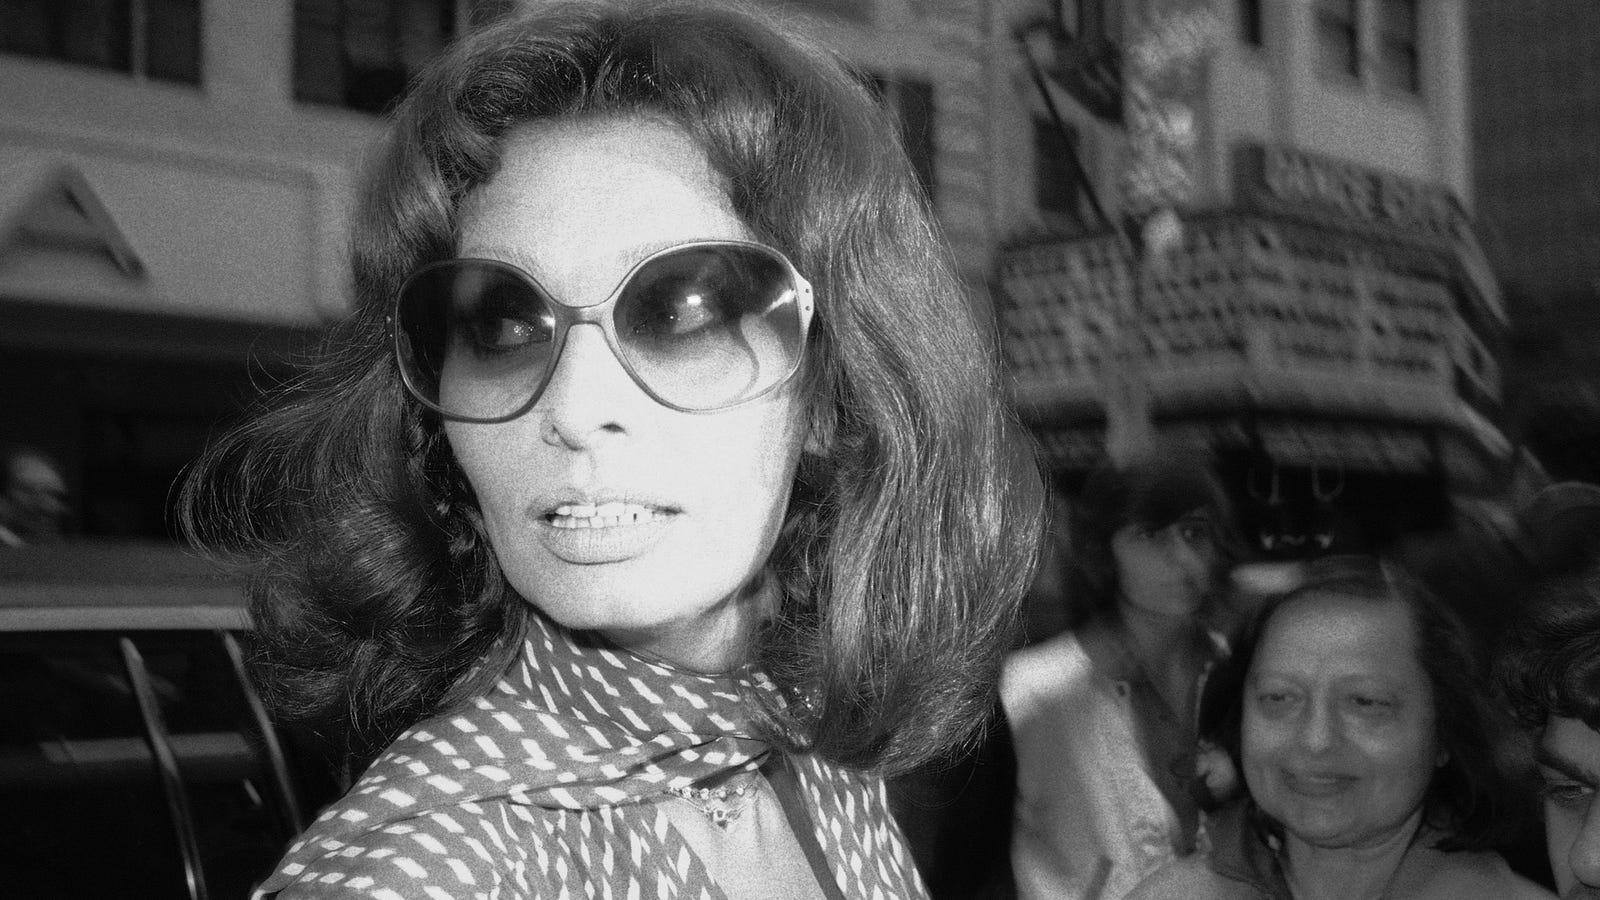 Let's Talk About Sophia Loren's Taste in Glasses